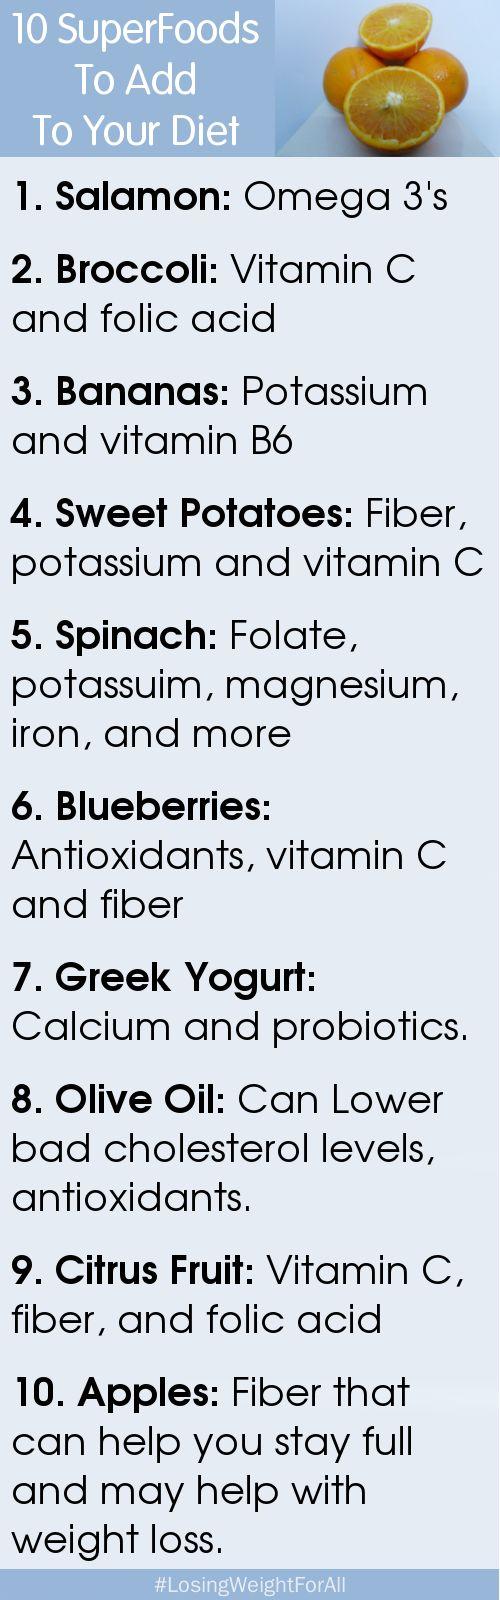 10 SuperFoods Diet Plan